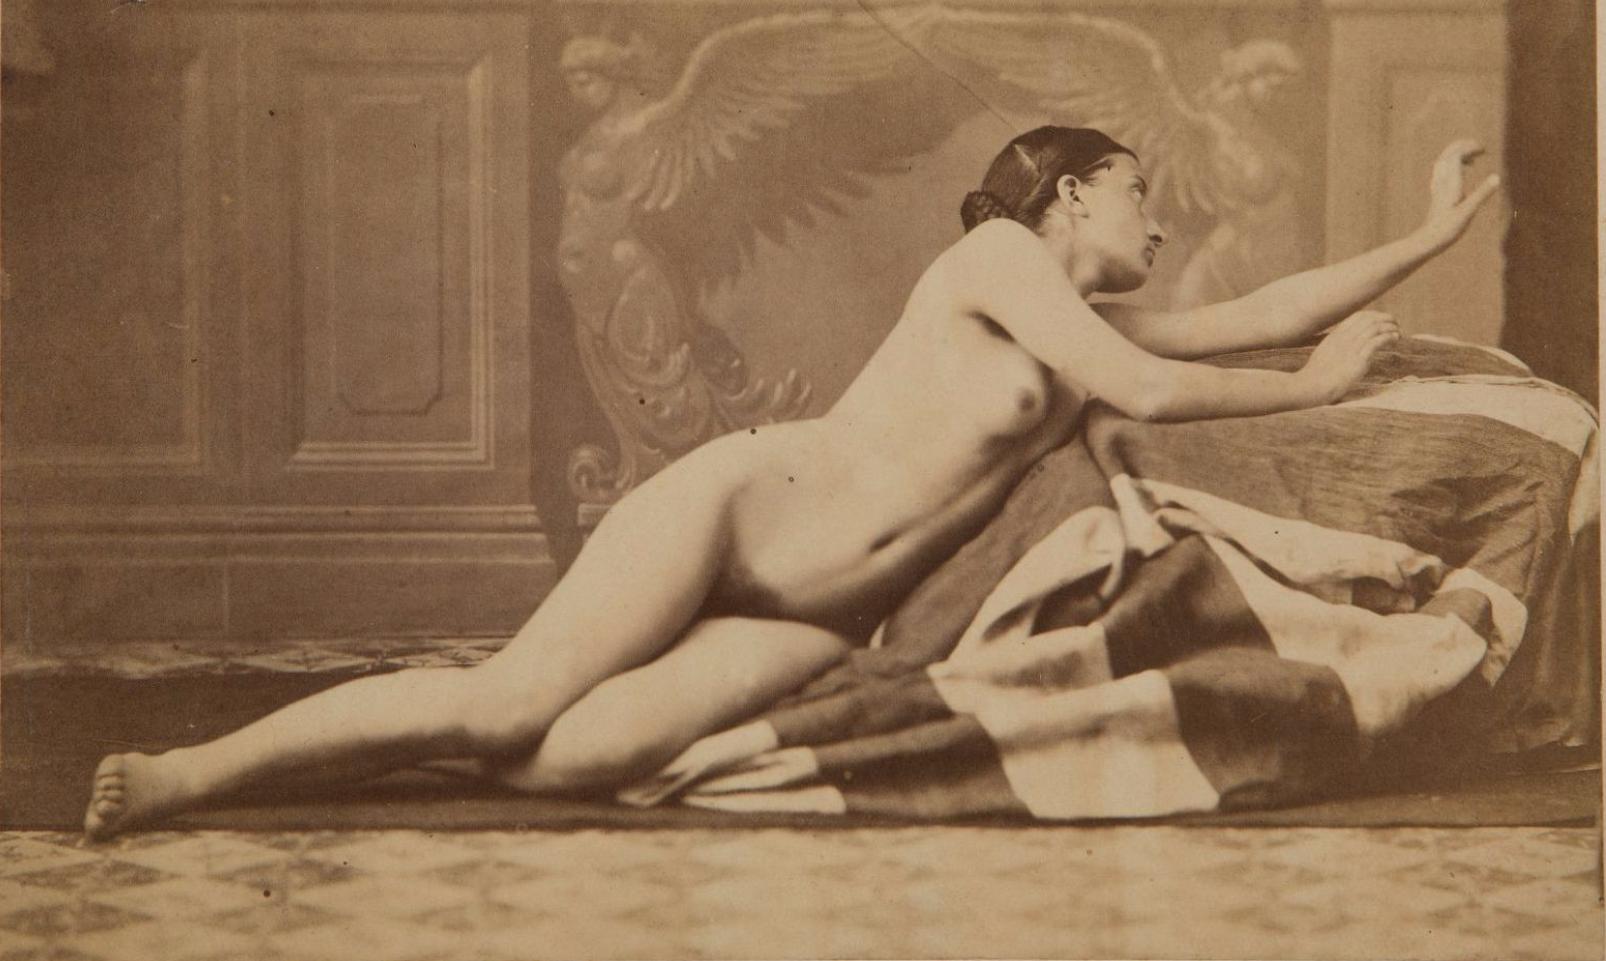 1865. Гауденцио Маркони. Эротические этюды